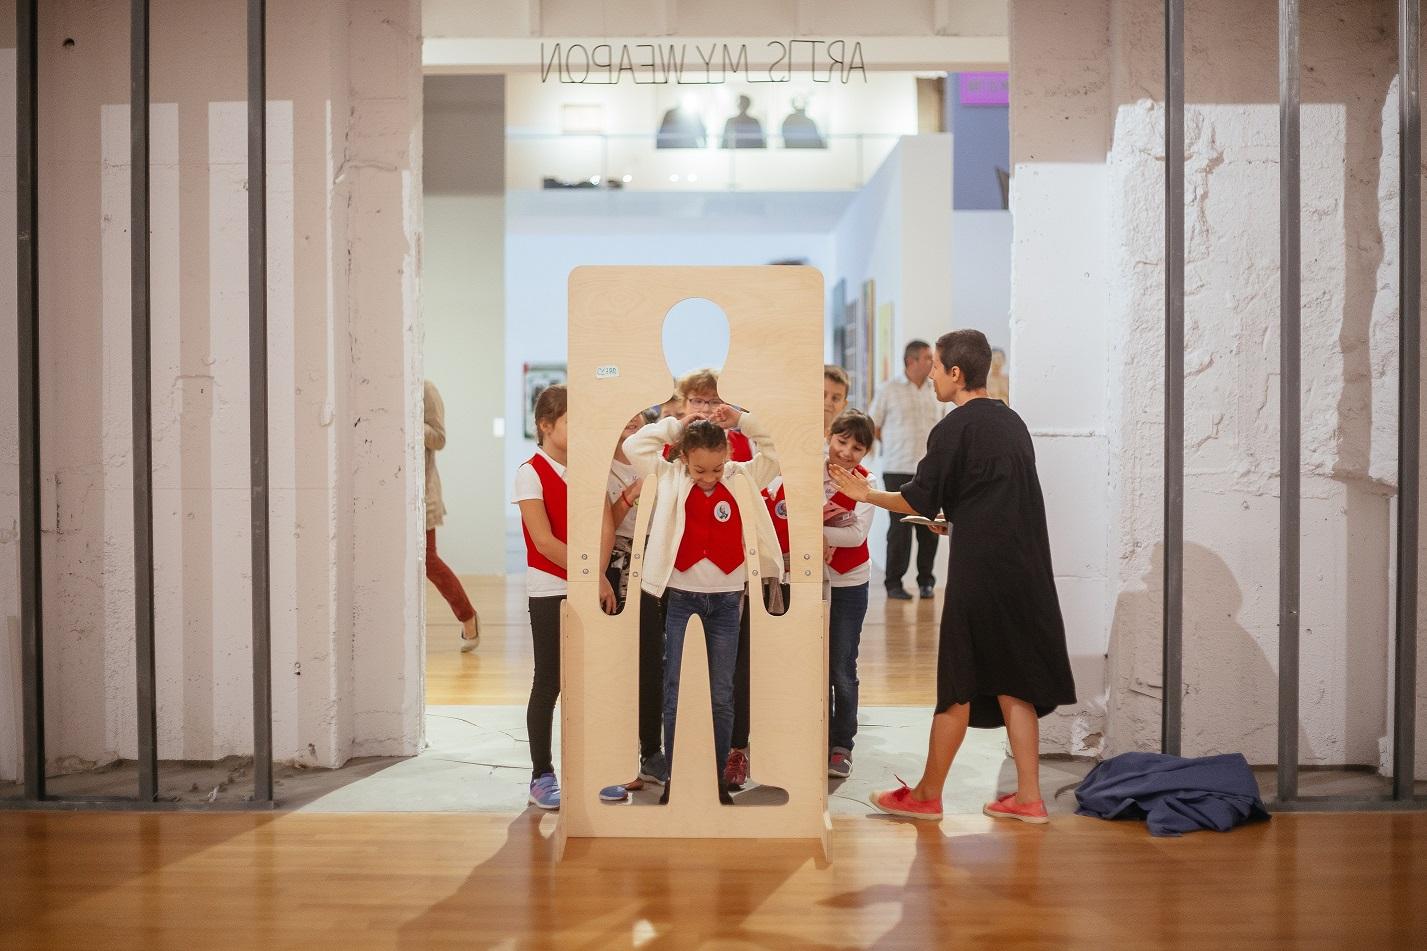 Unprepared Hearts / Inimi tinere – Educație sentimentală prin cultură pentru preadolescenți: conferință de final